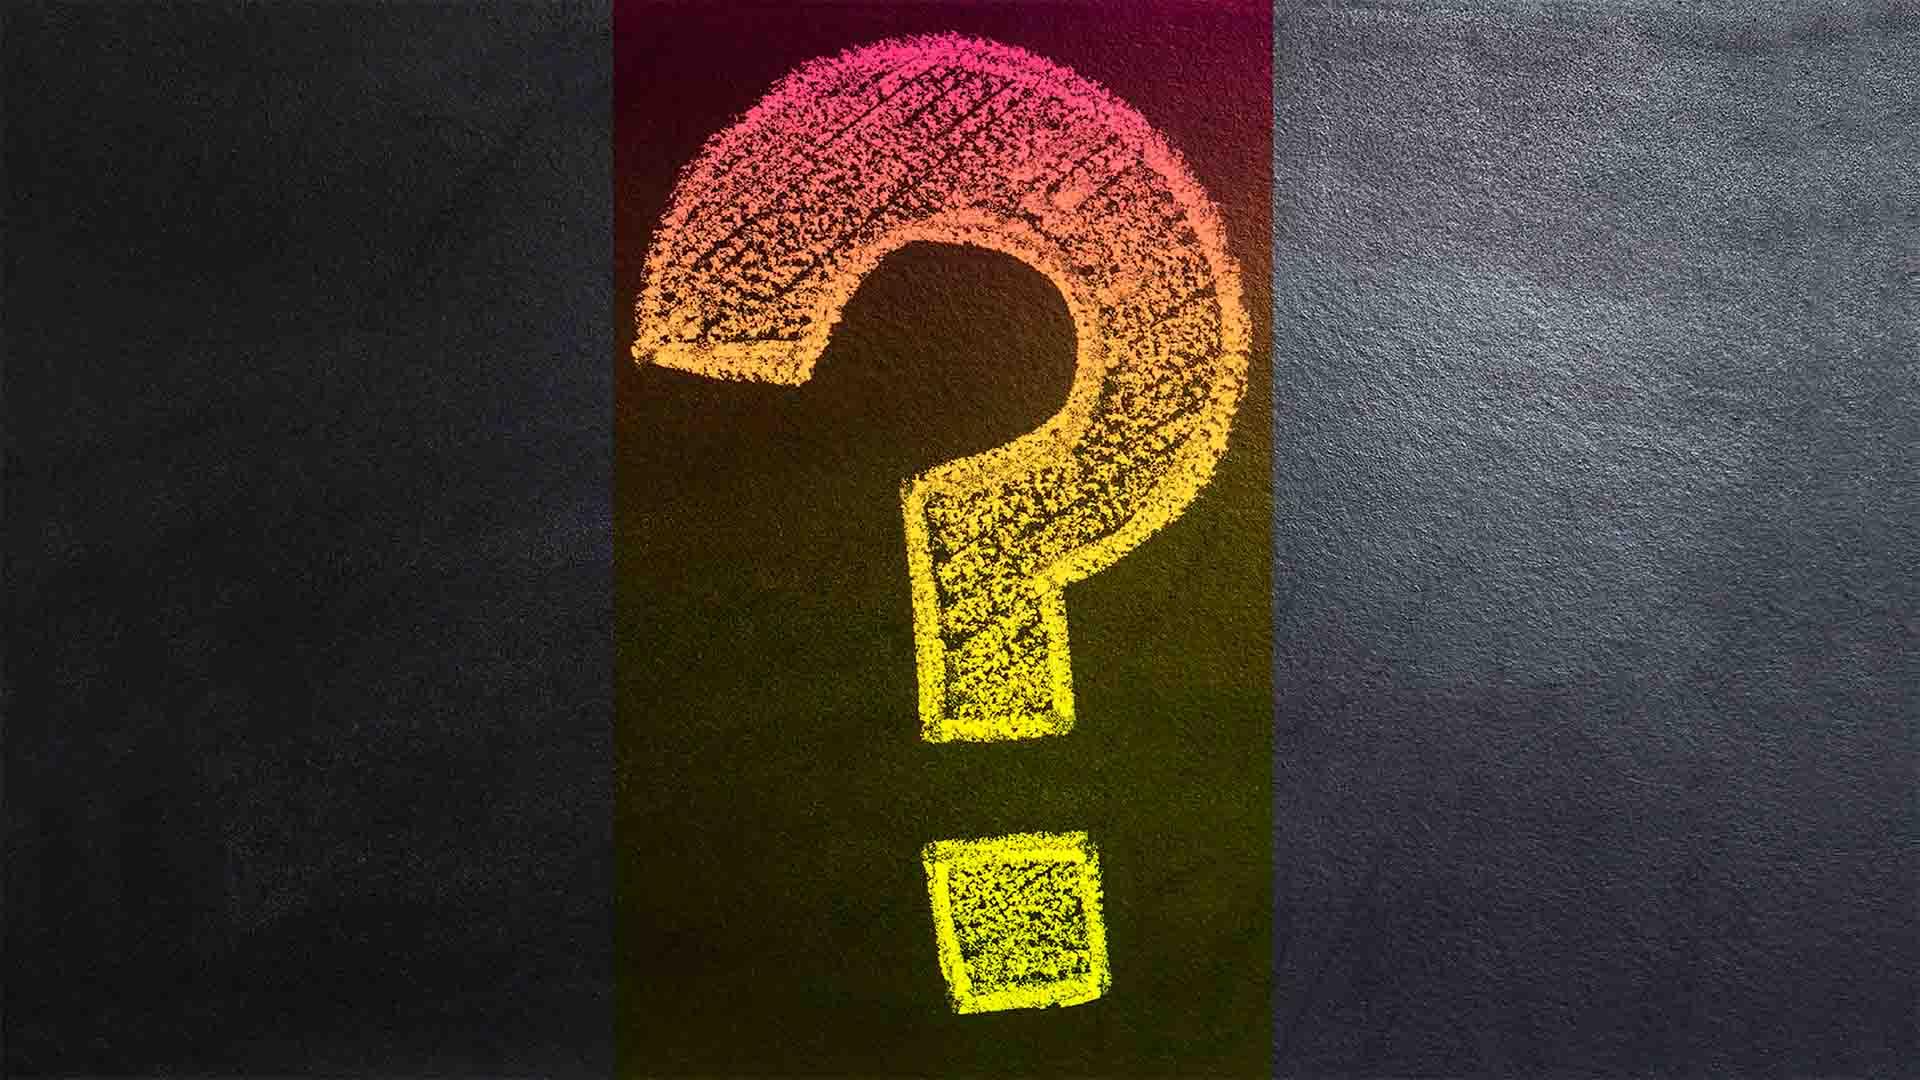 3 preguntas que usted jamás debe contestar inmediatamente, por Reuben Morales